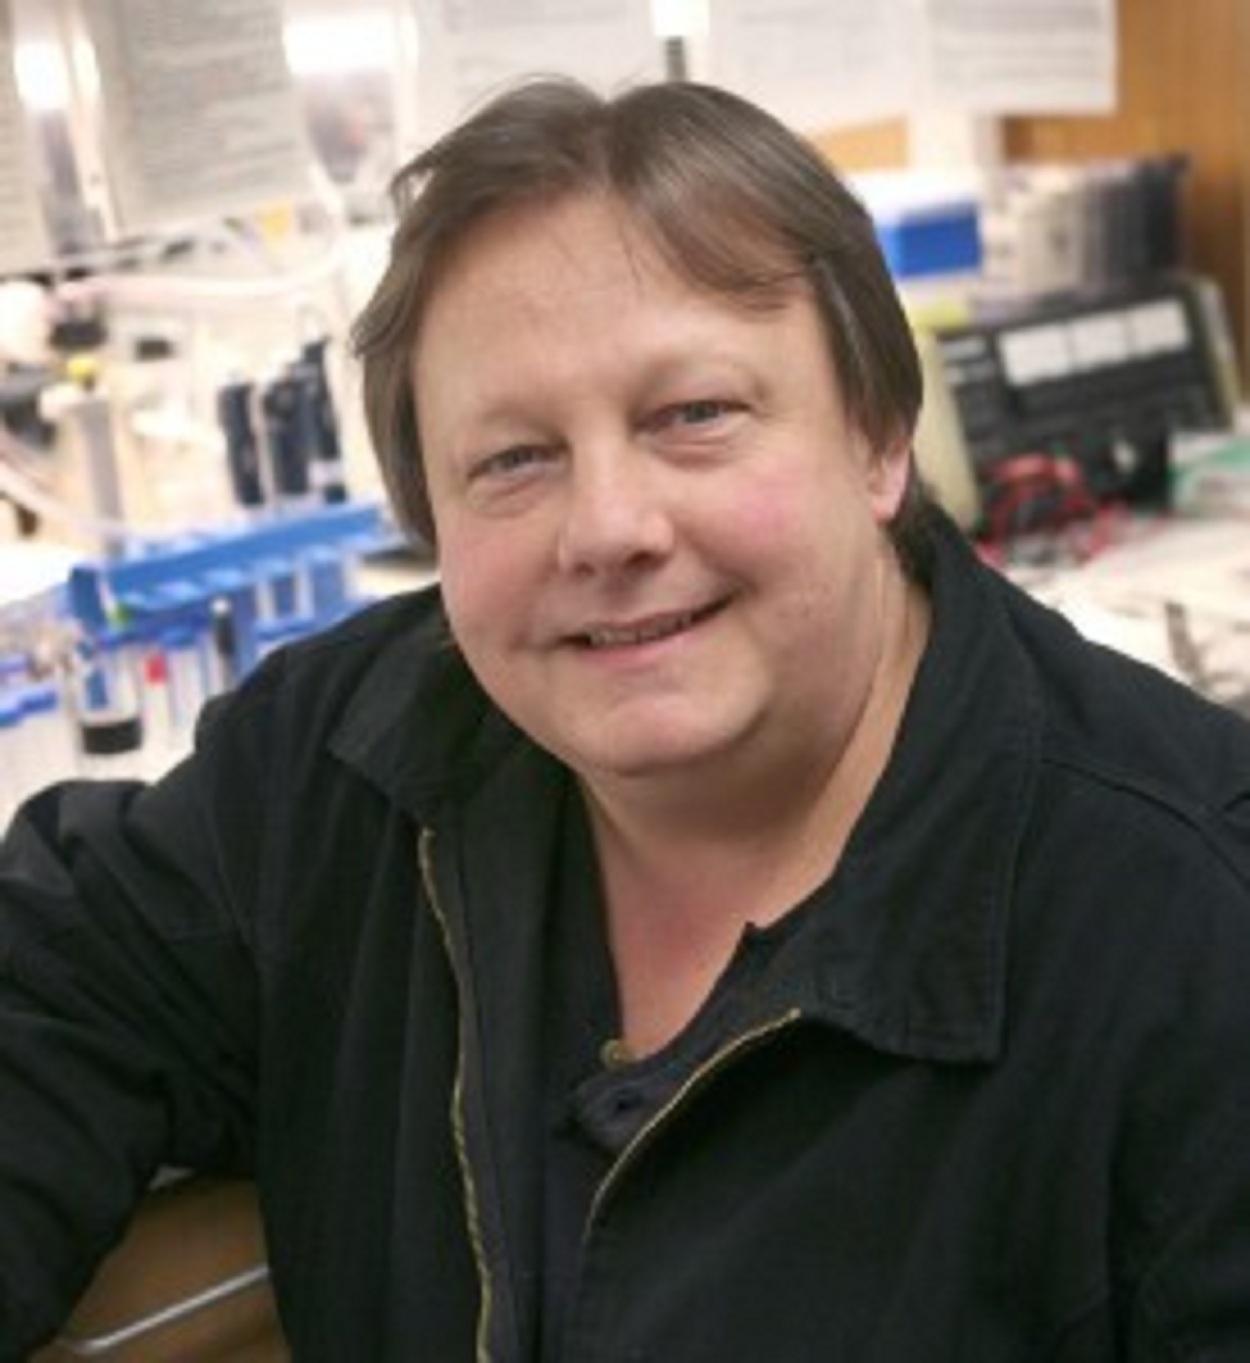 David A. Boothman